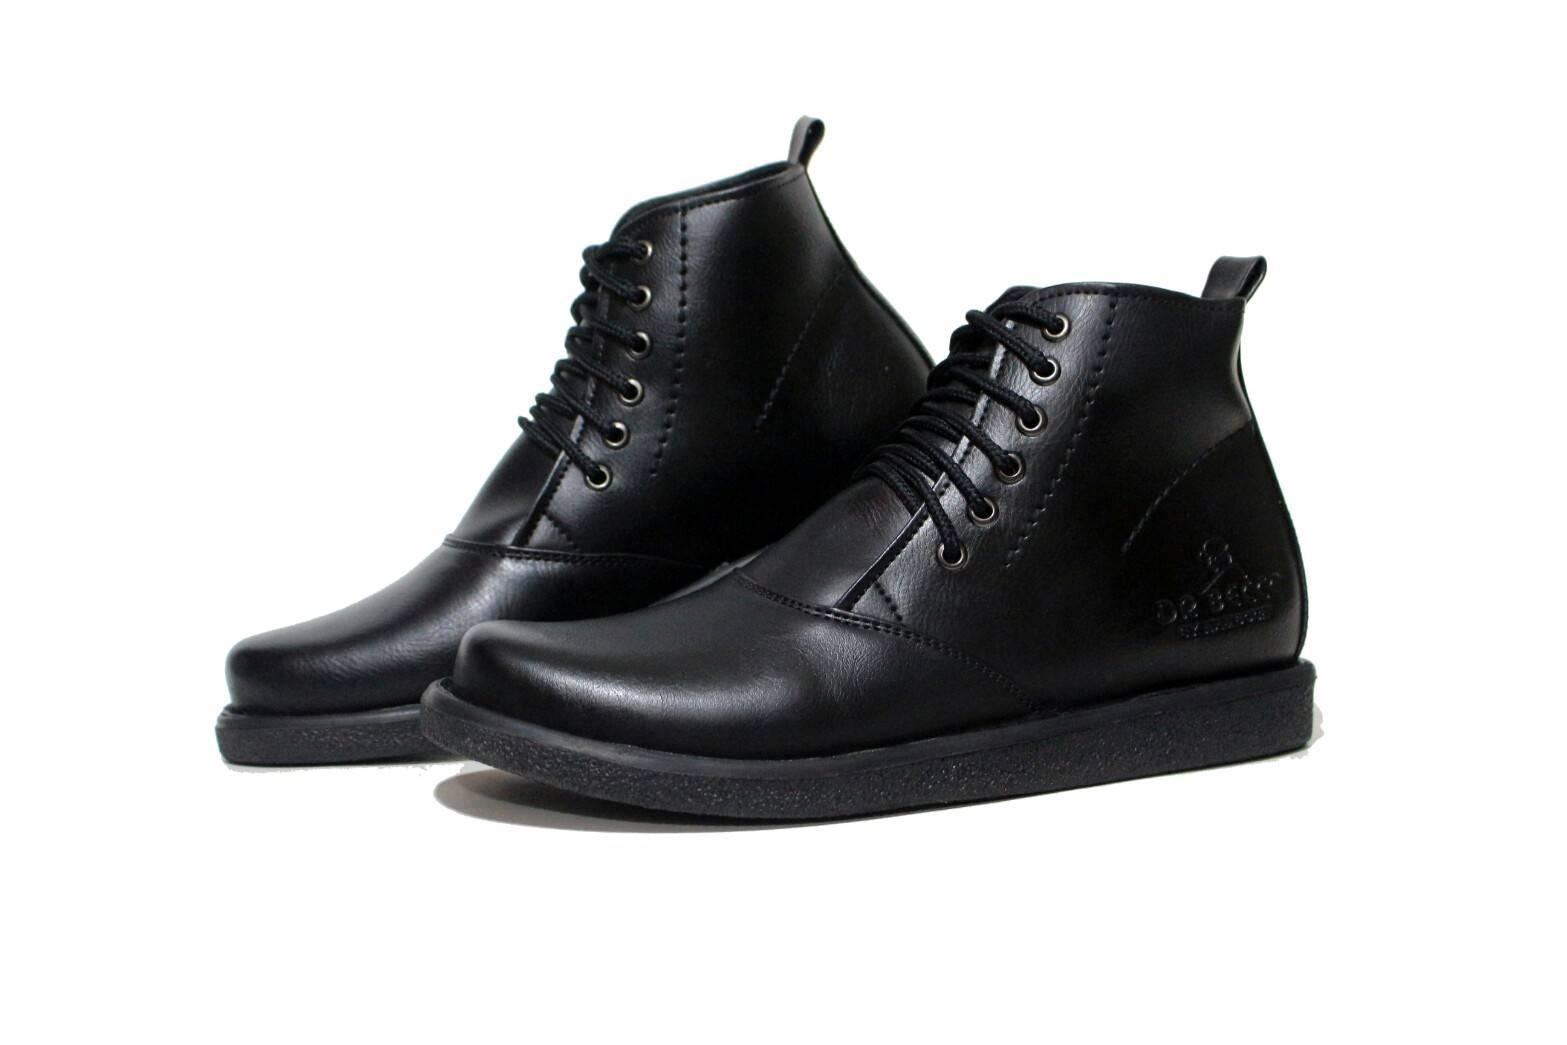 sepatu brodo kulit asli original Dr becco Sepatu Boots Kulit Pria Original Dr.Becco - Sepatu Boots Pendek